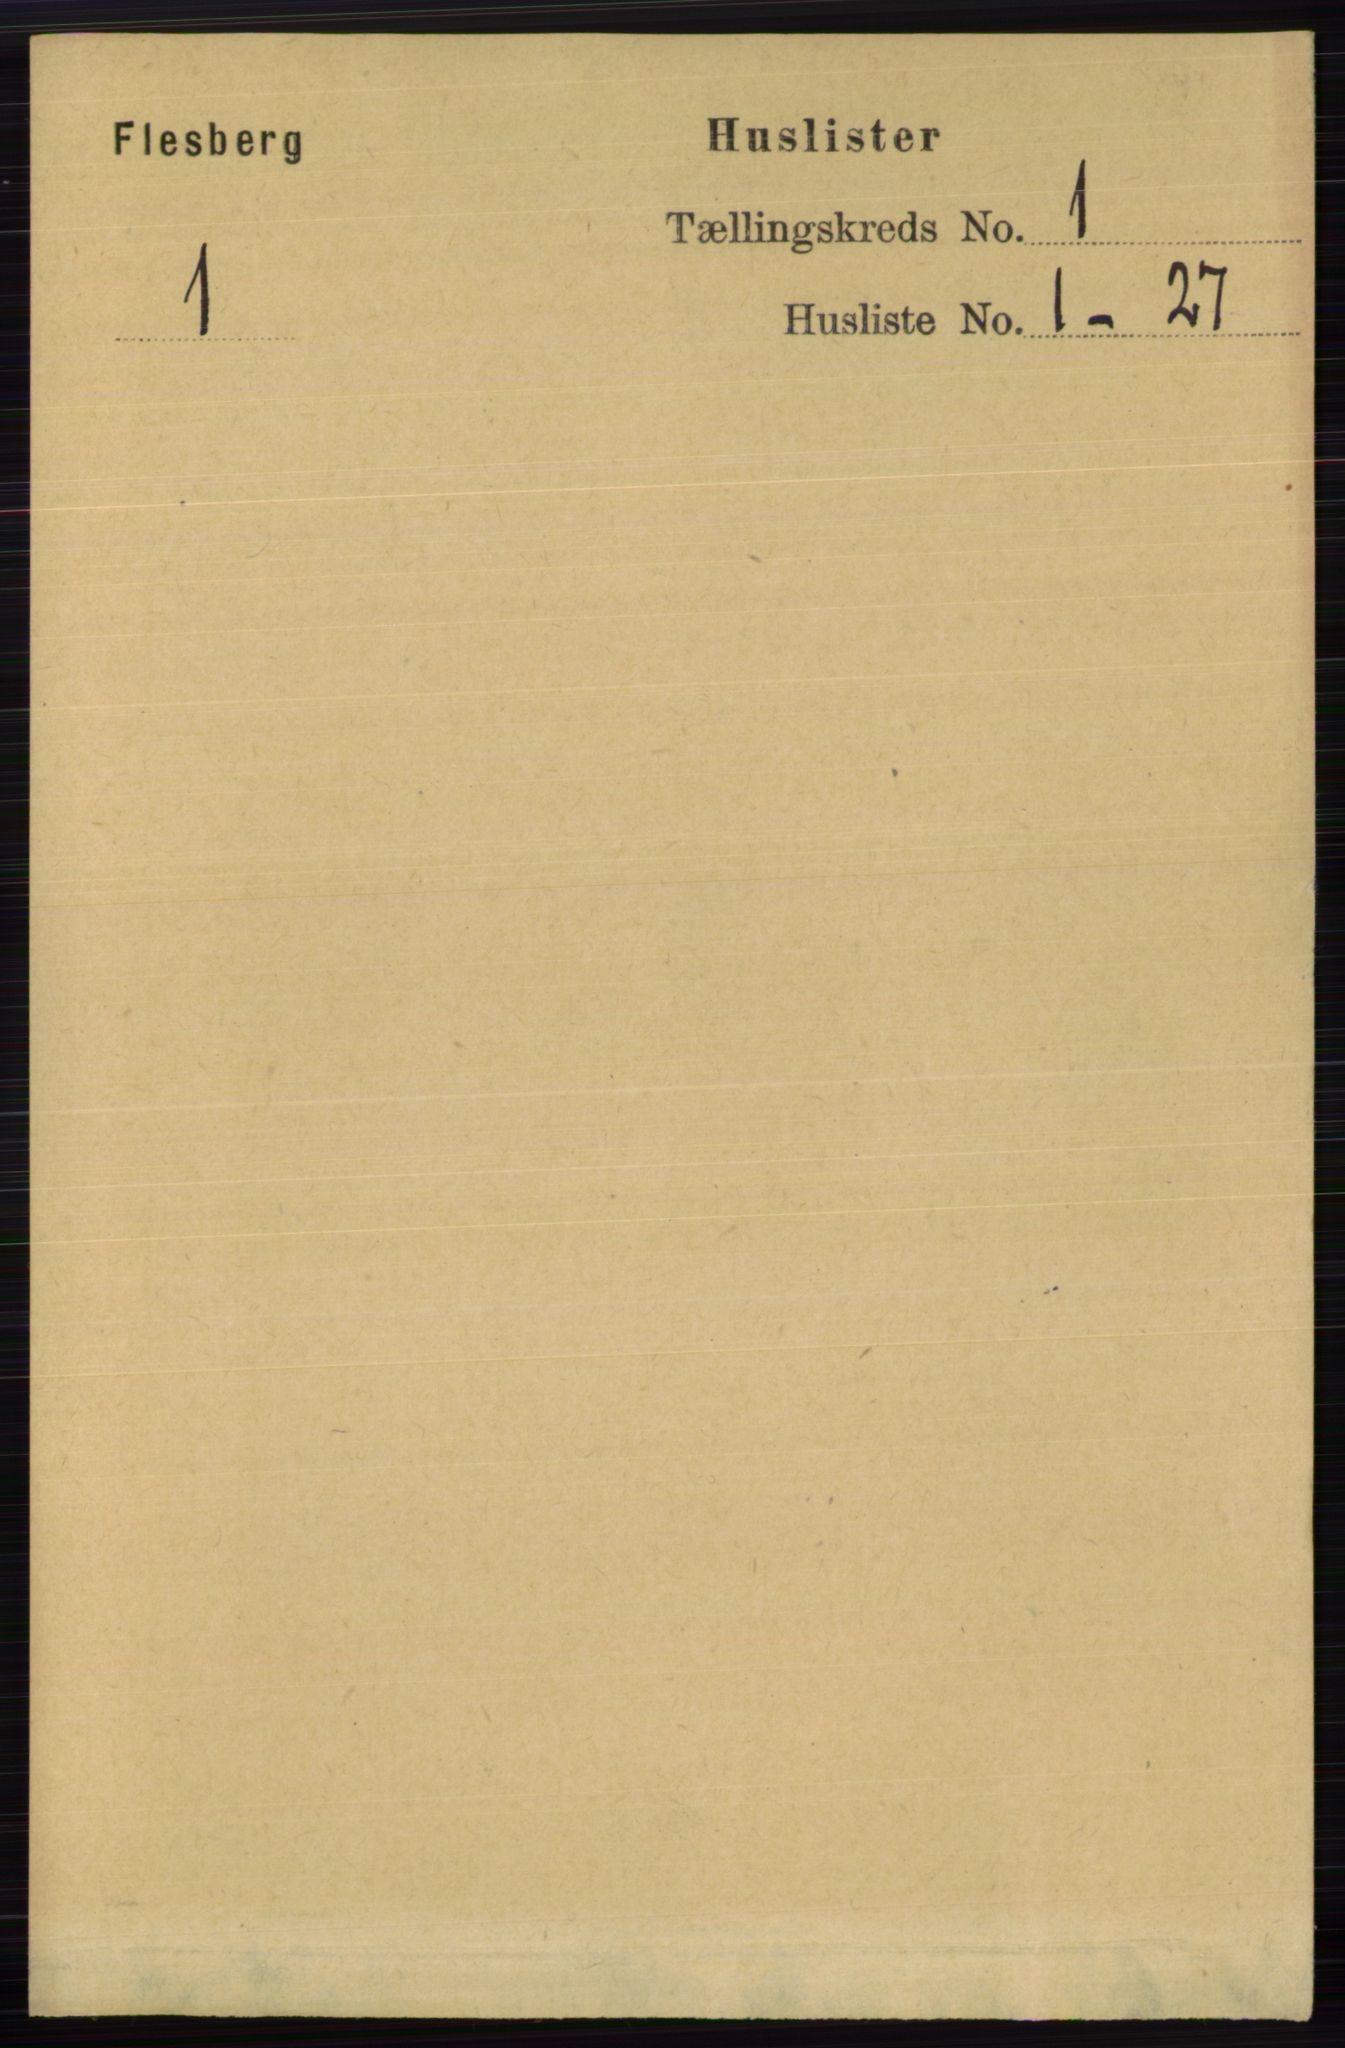 RA, Folketelling 1891 for 0631 Flesberg herred, 1891, s. 43